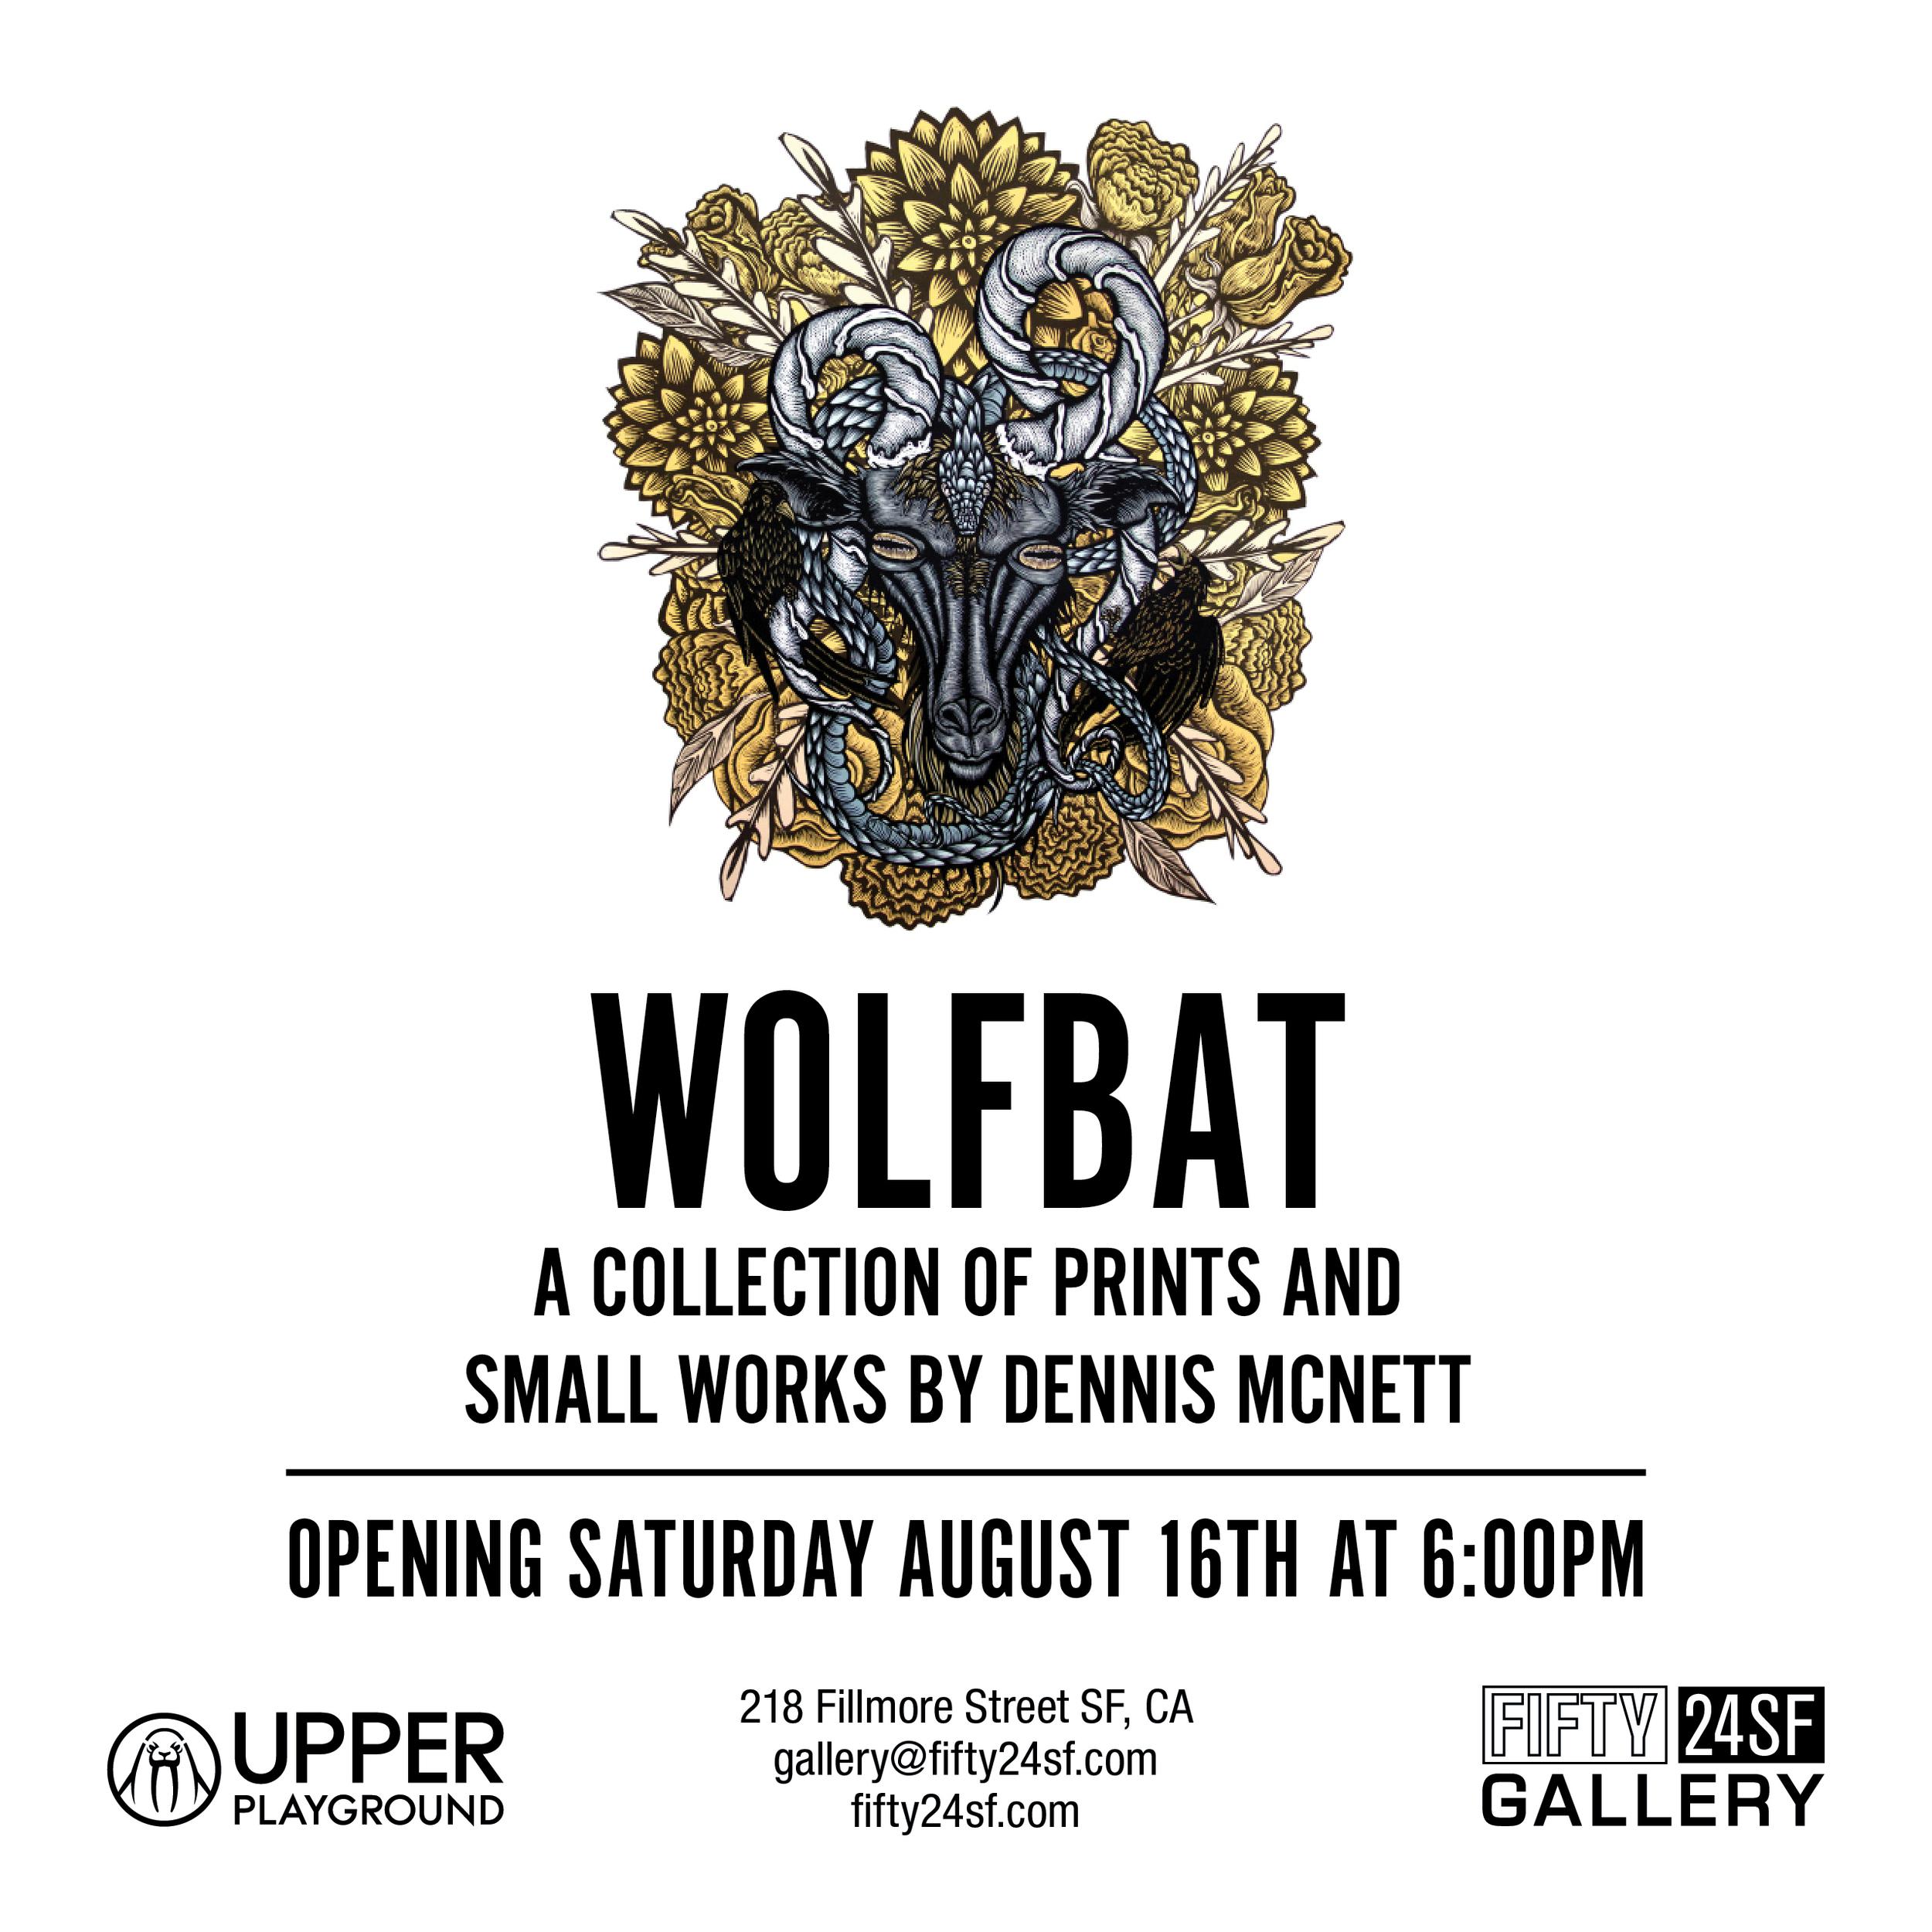 Dennis-Mcnett-Wolfbat-Fifty24sf-upper-playground.jpg